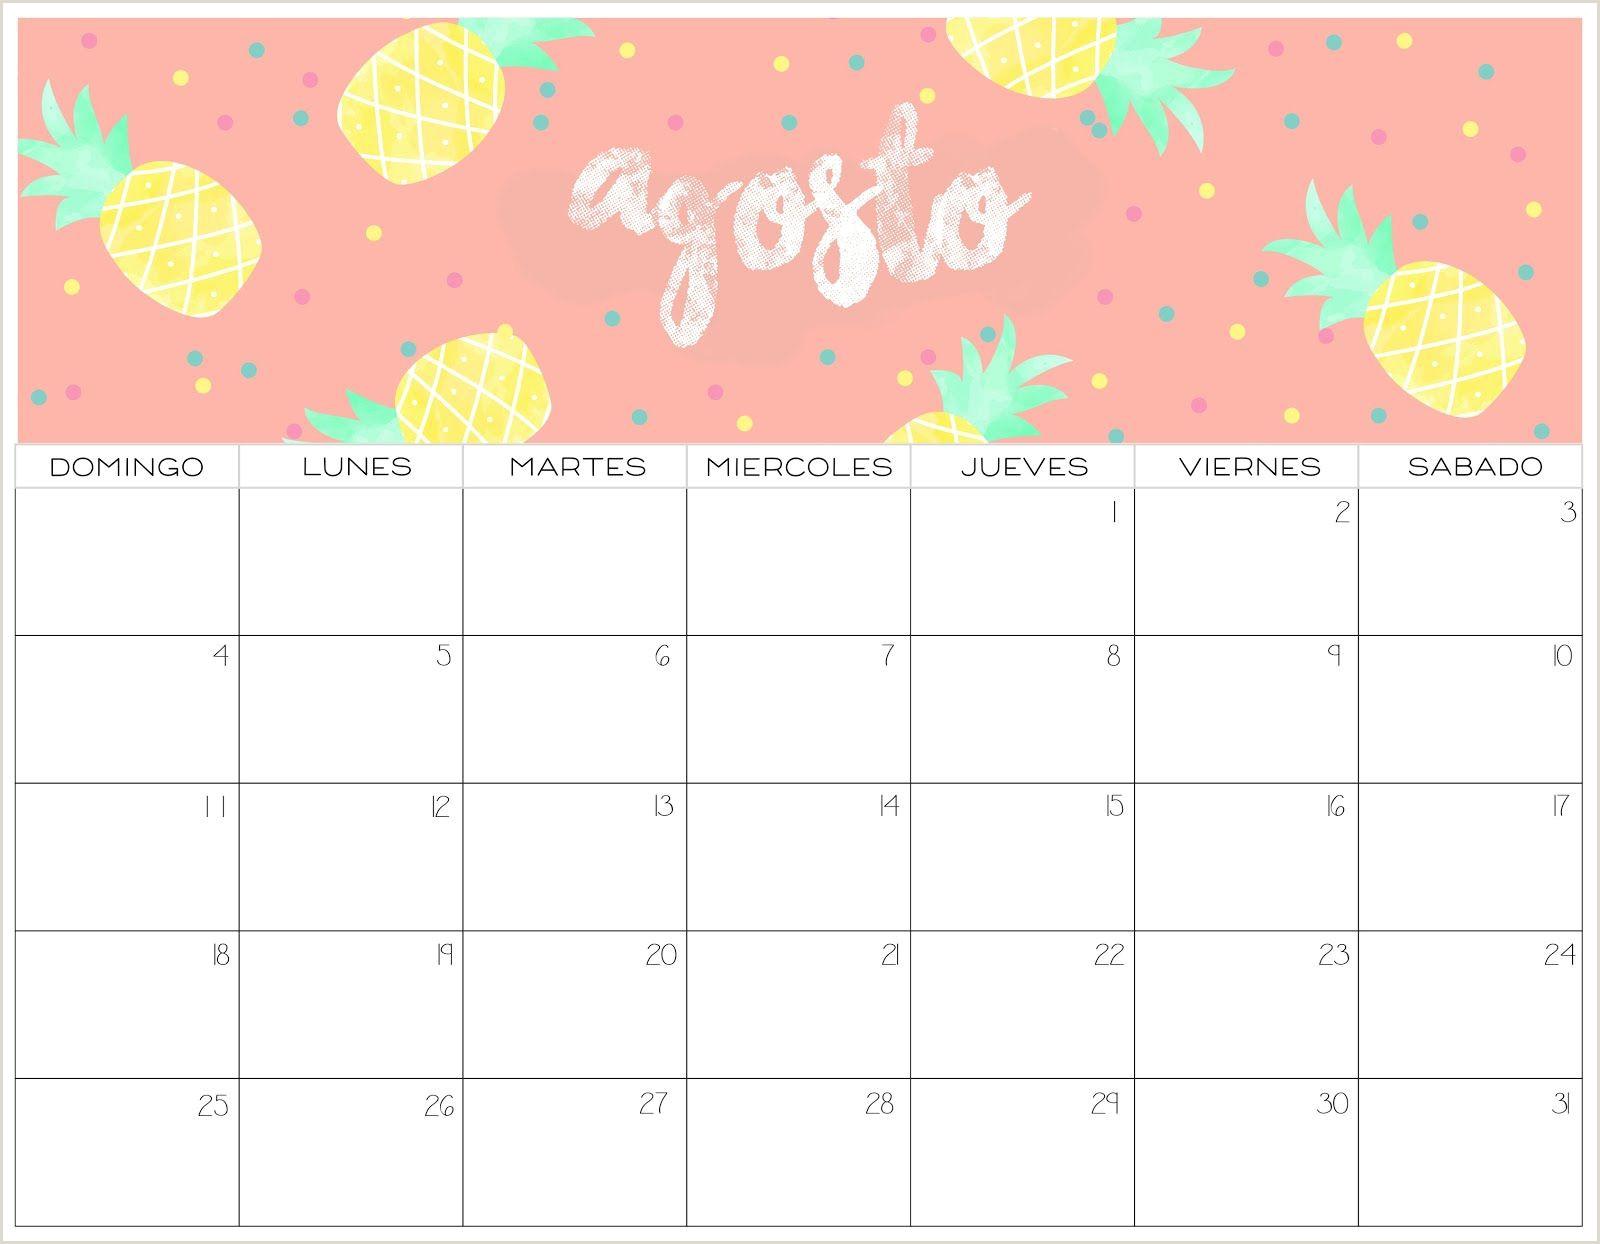 Calendario 2019 colorido 2 estilos Meses